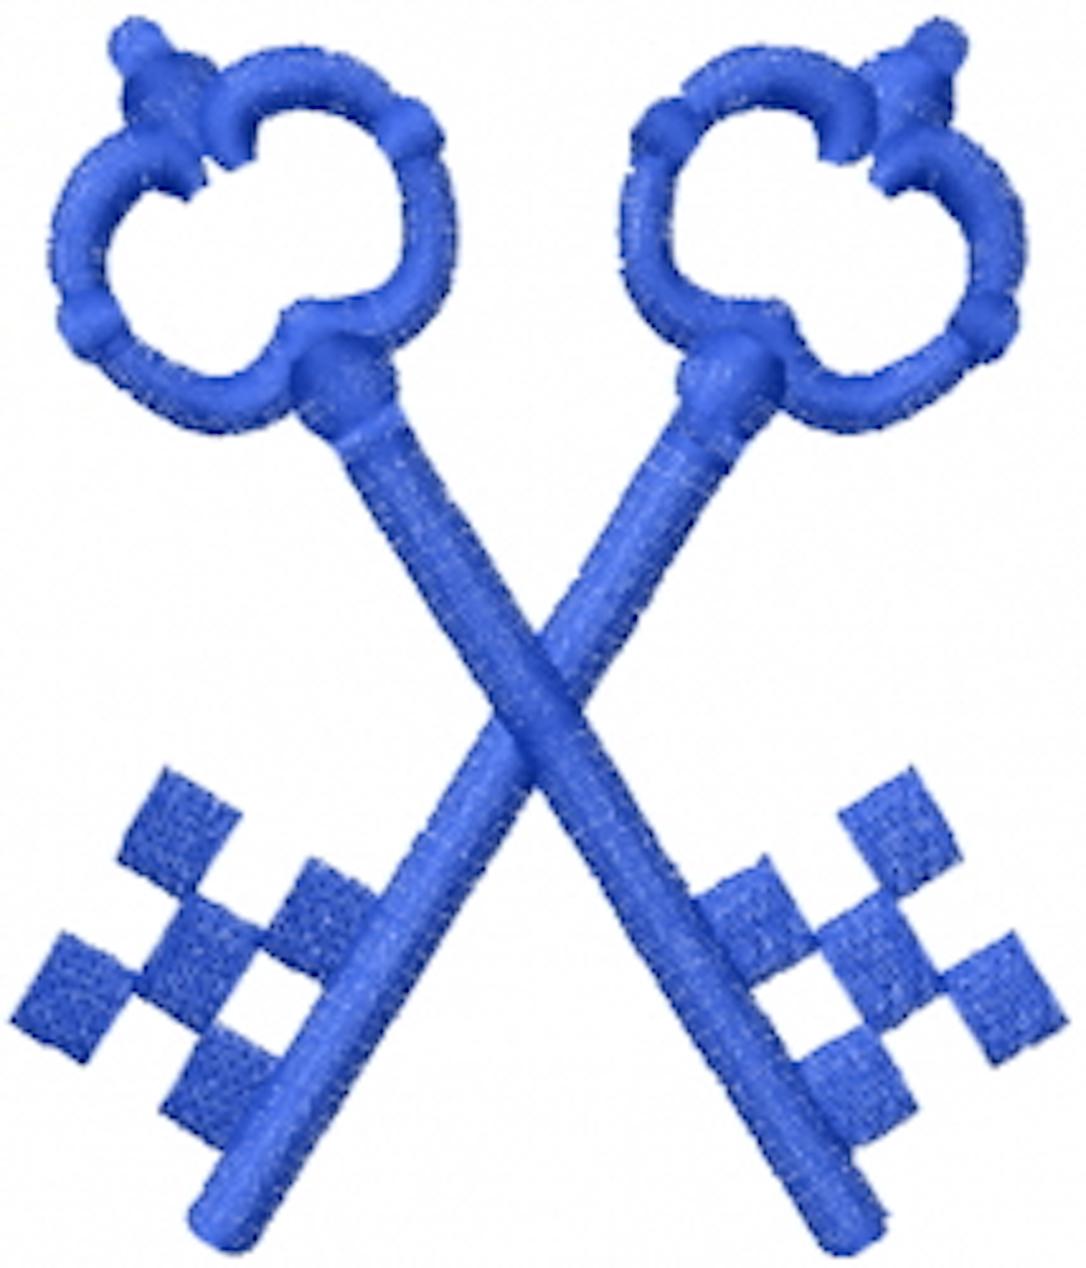 masonic crossed keys checkers